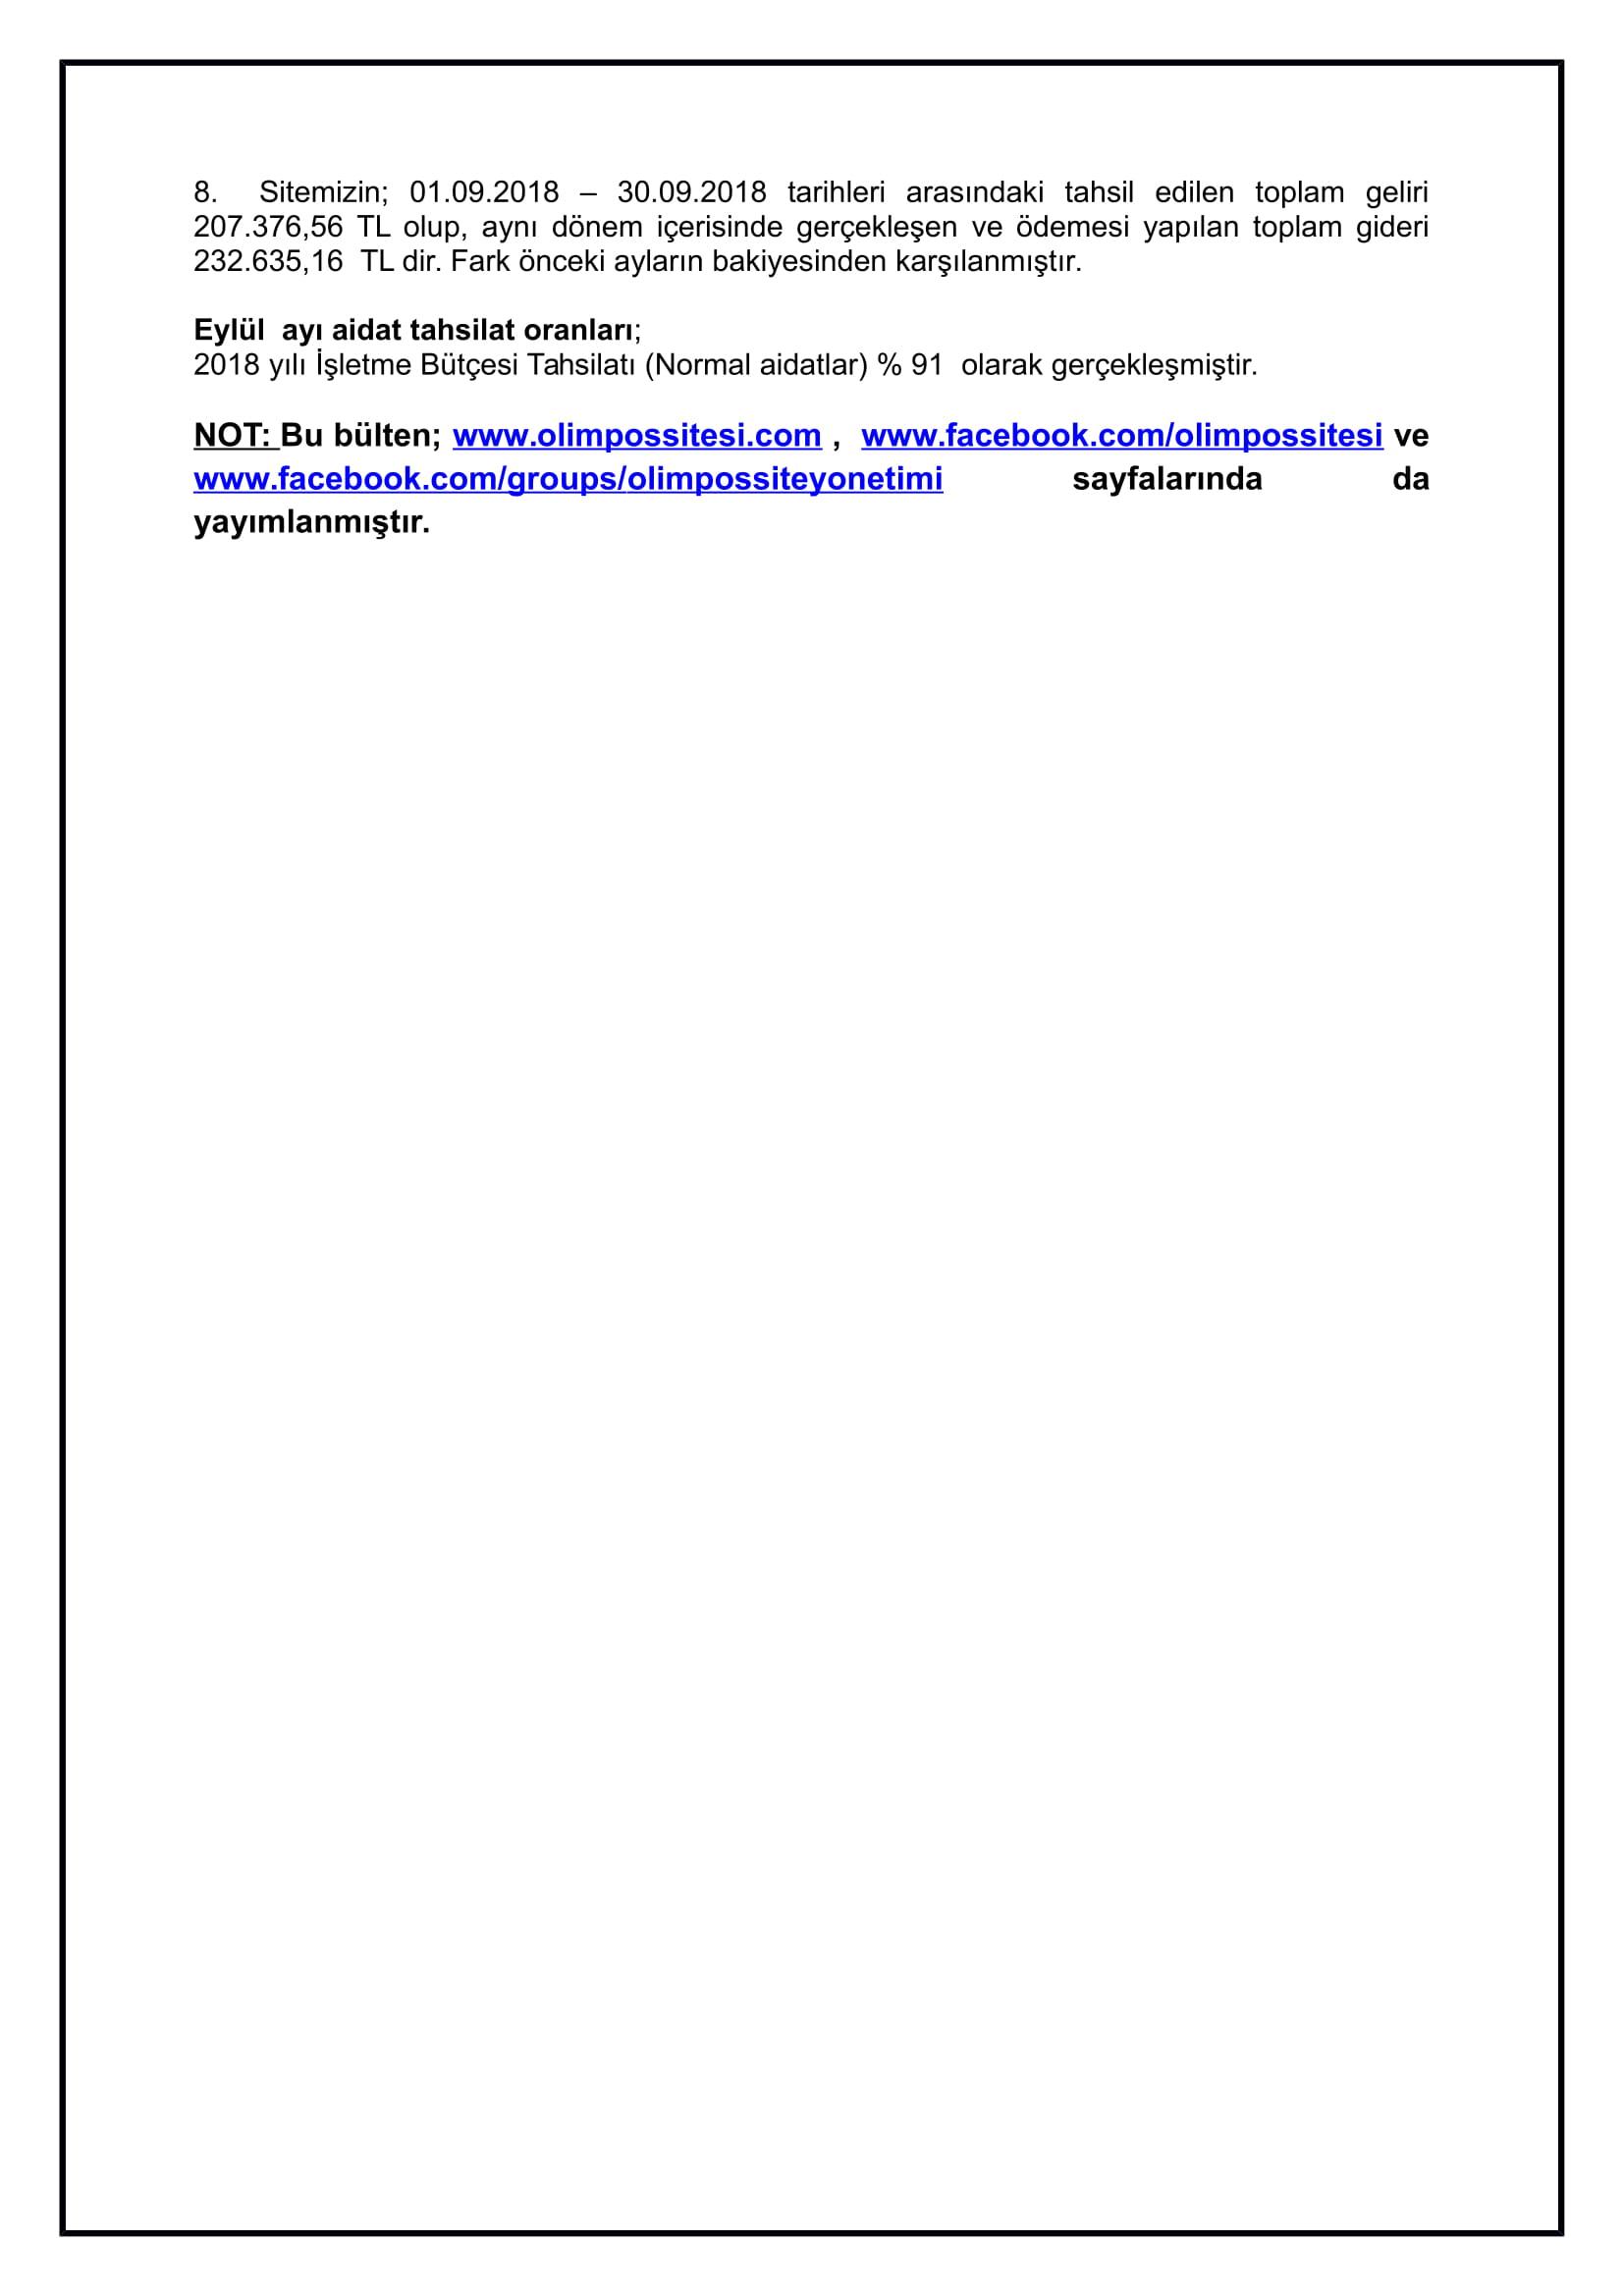 19-01.09.2018 EYLÜL-2018 BÜLTEN-4